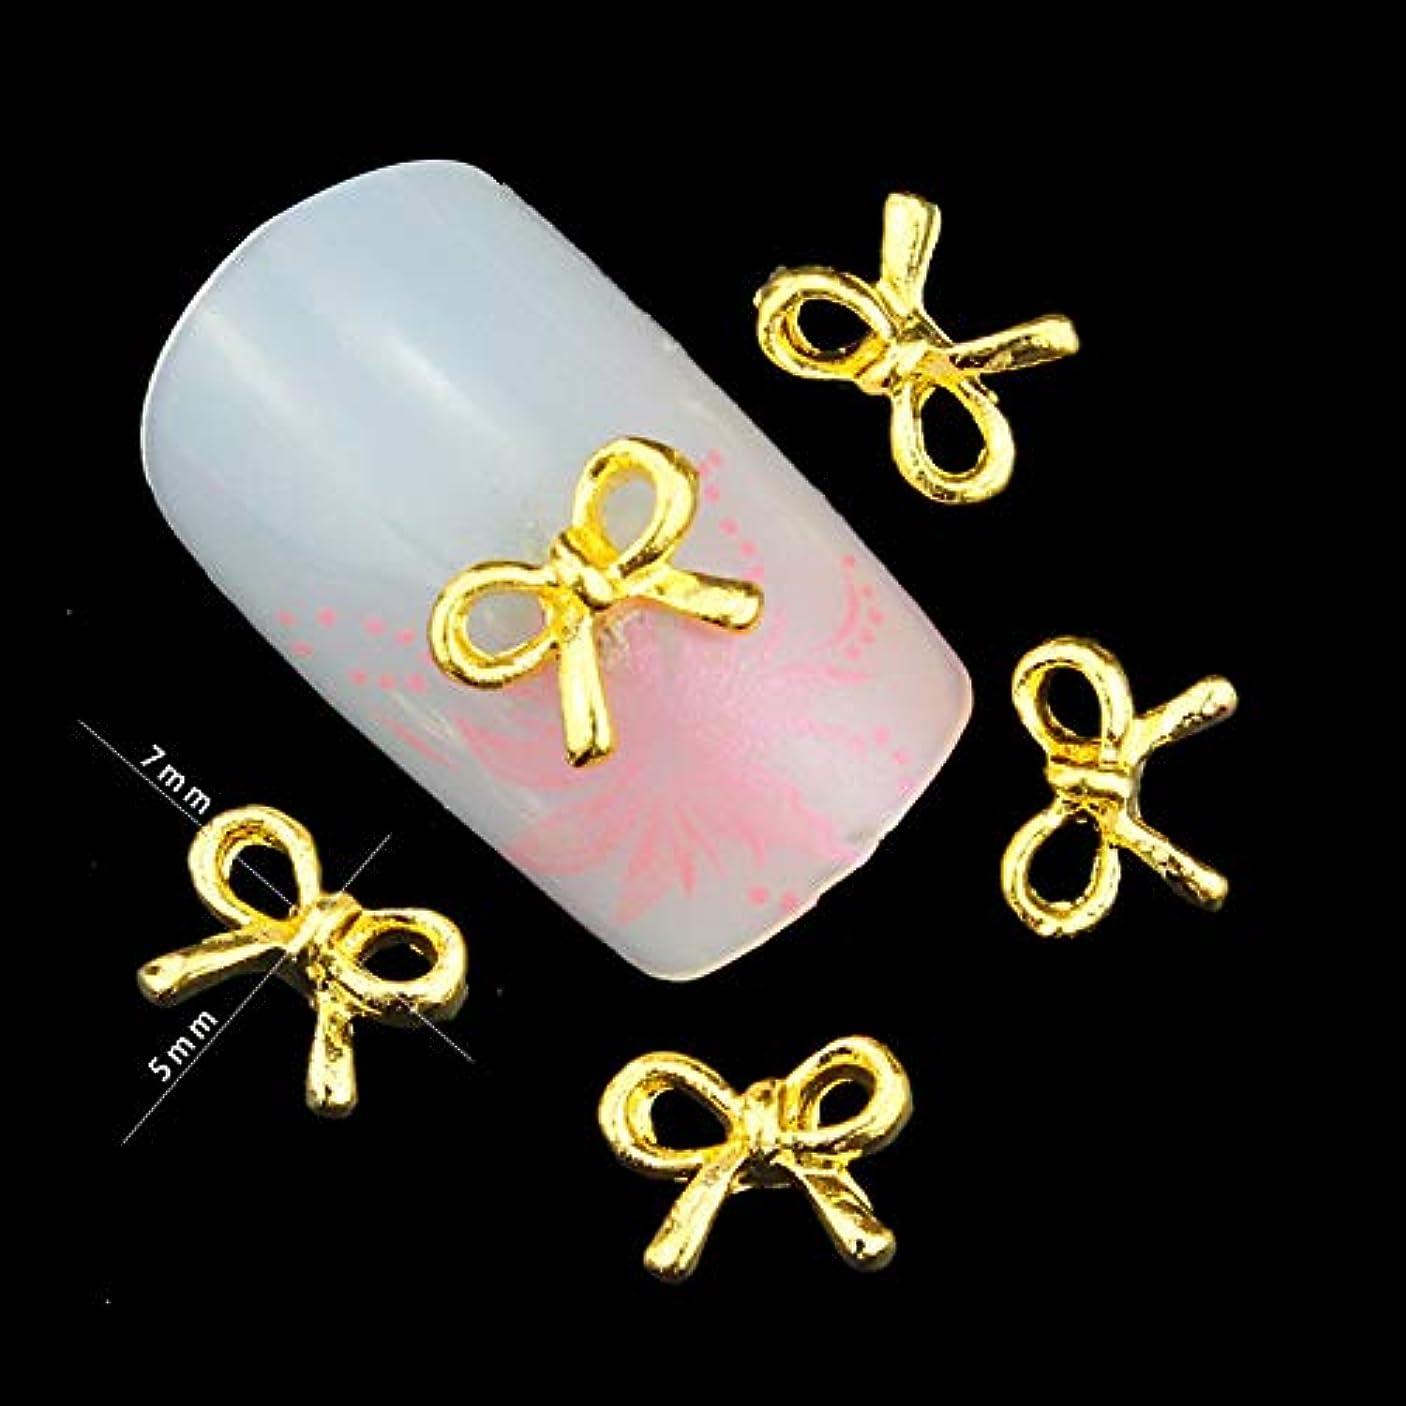 流用するペースト魅力的10個入り/パックゴールド蝶ネクタイの3Dネイルアートの装飾DIYグリッター合金ネイルアクセサリーチャームネイル宝石ツール